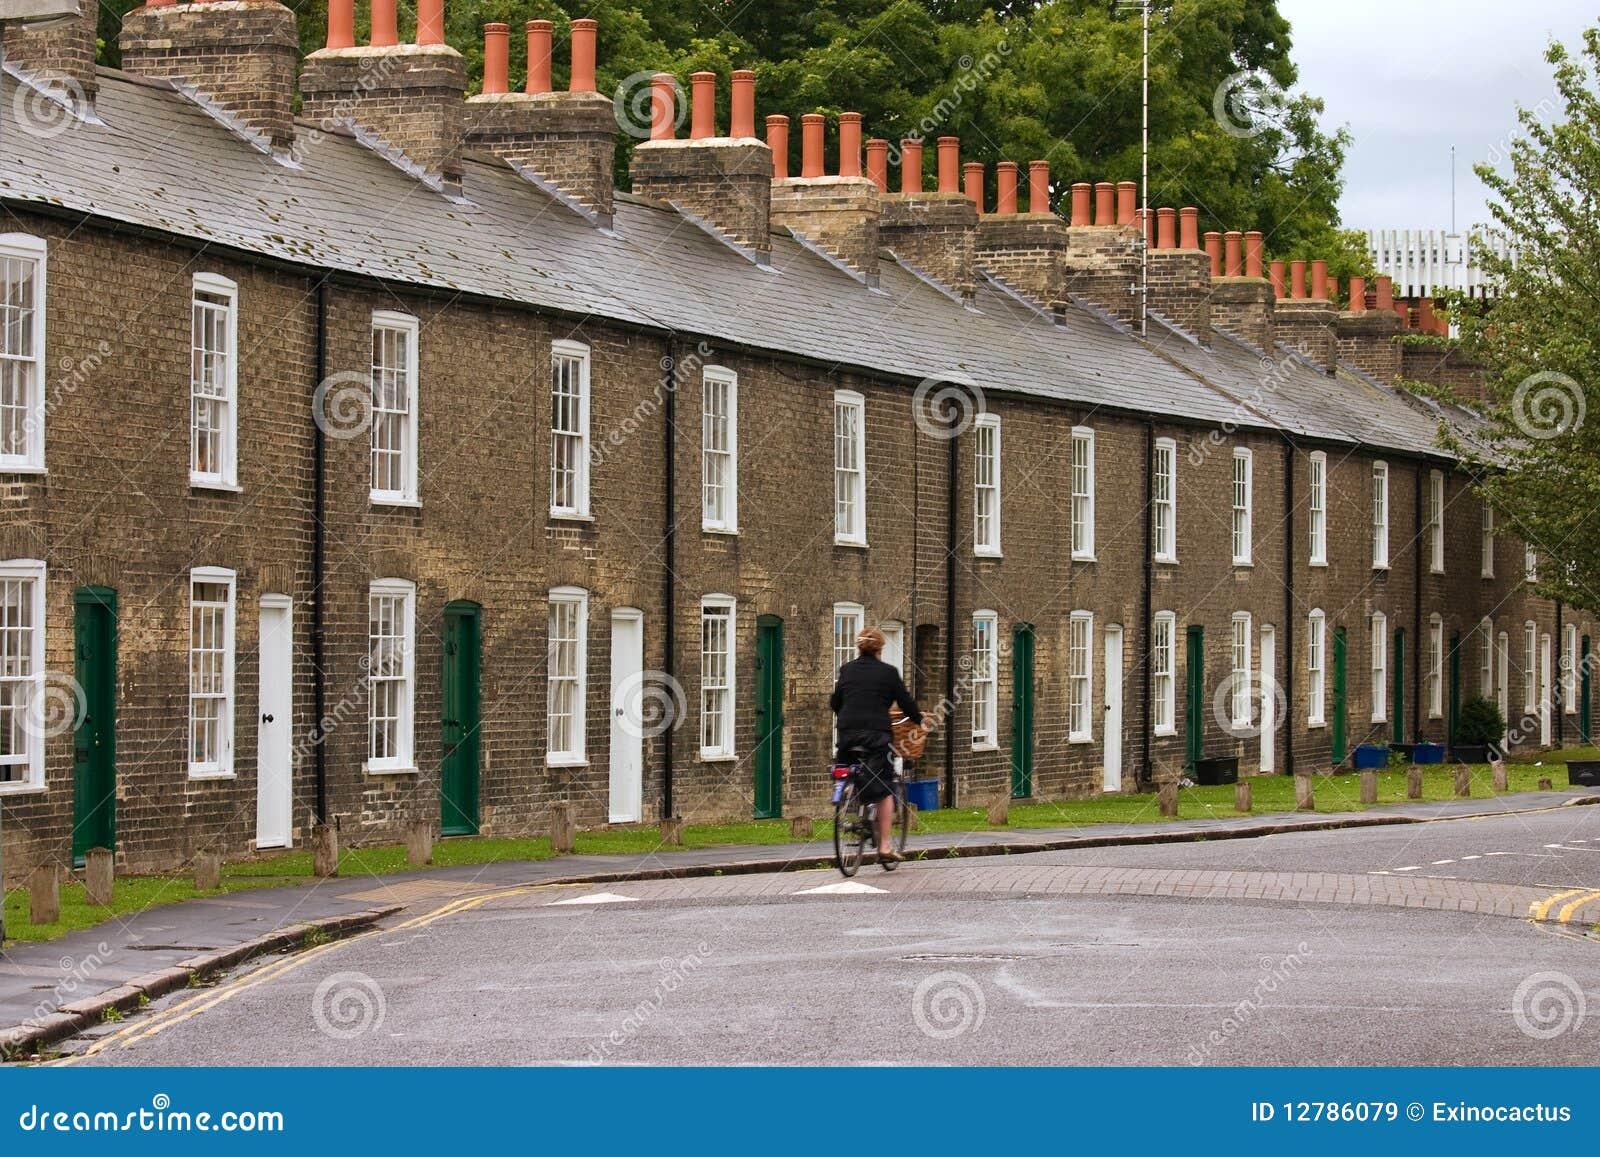 Ligne des maisons anglaises caract ristiques images libres for Planificateur de maisons en ligne